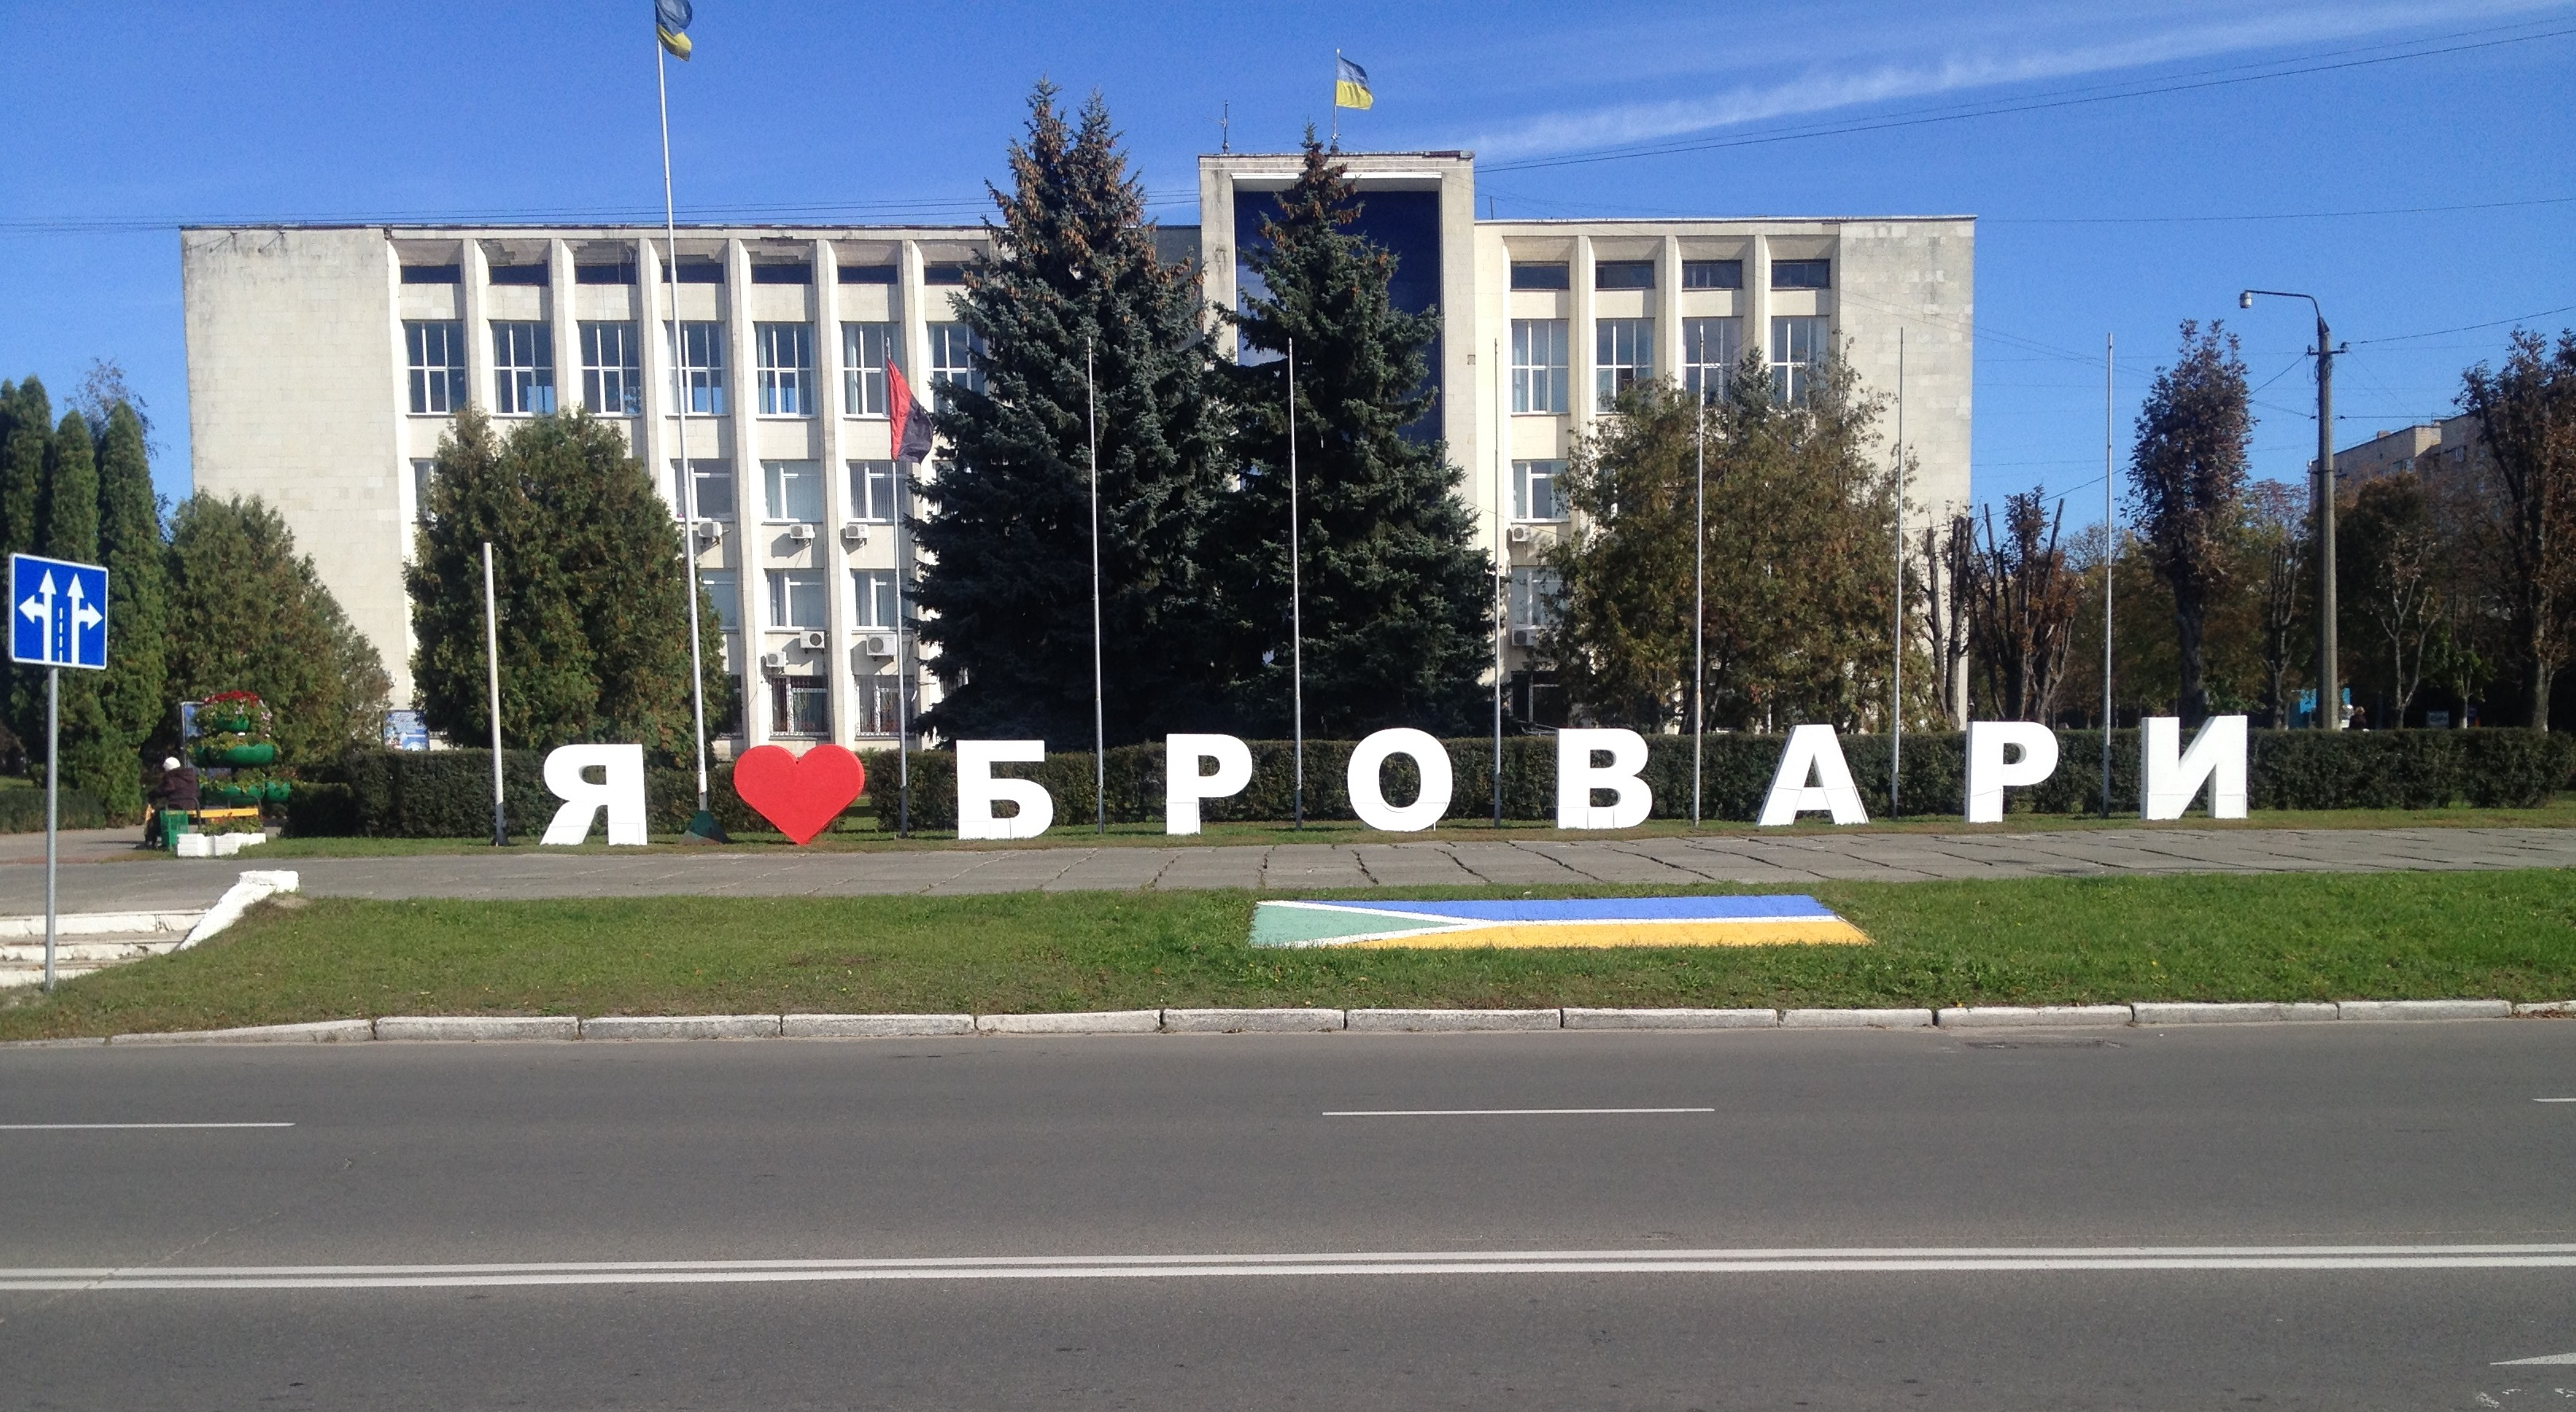 Бровари найбільш забруднене місто України